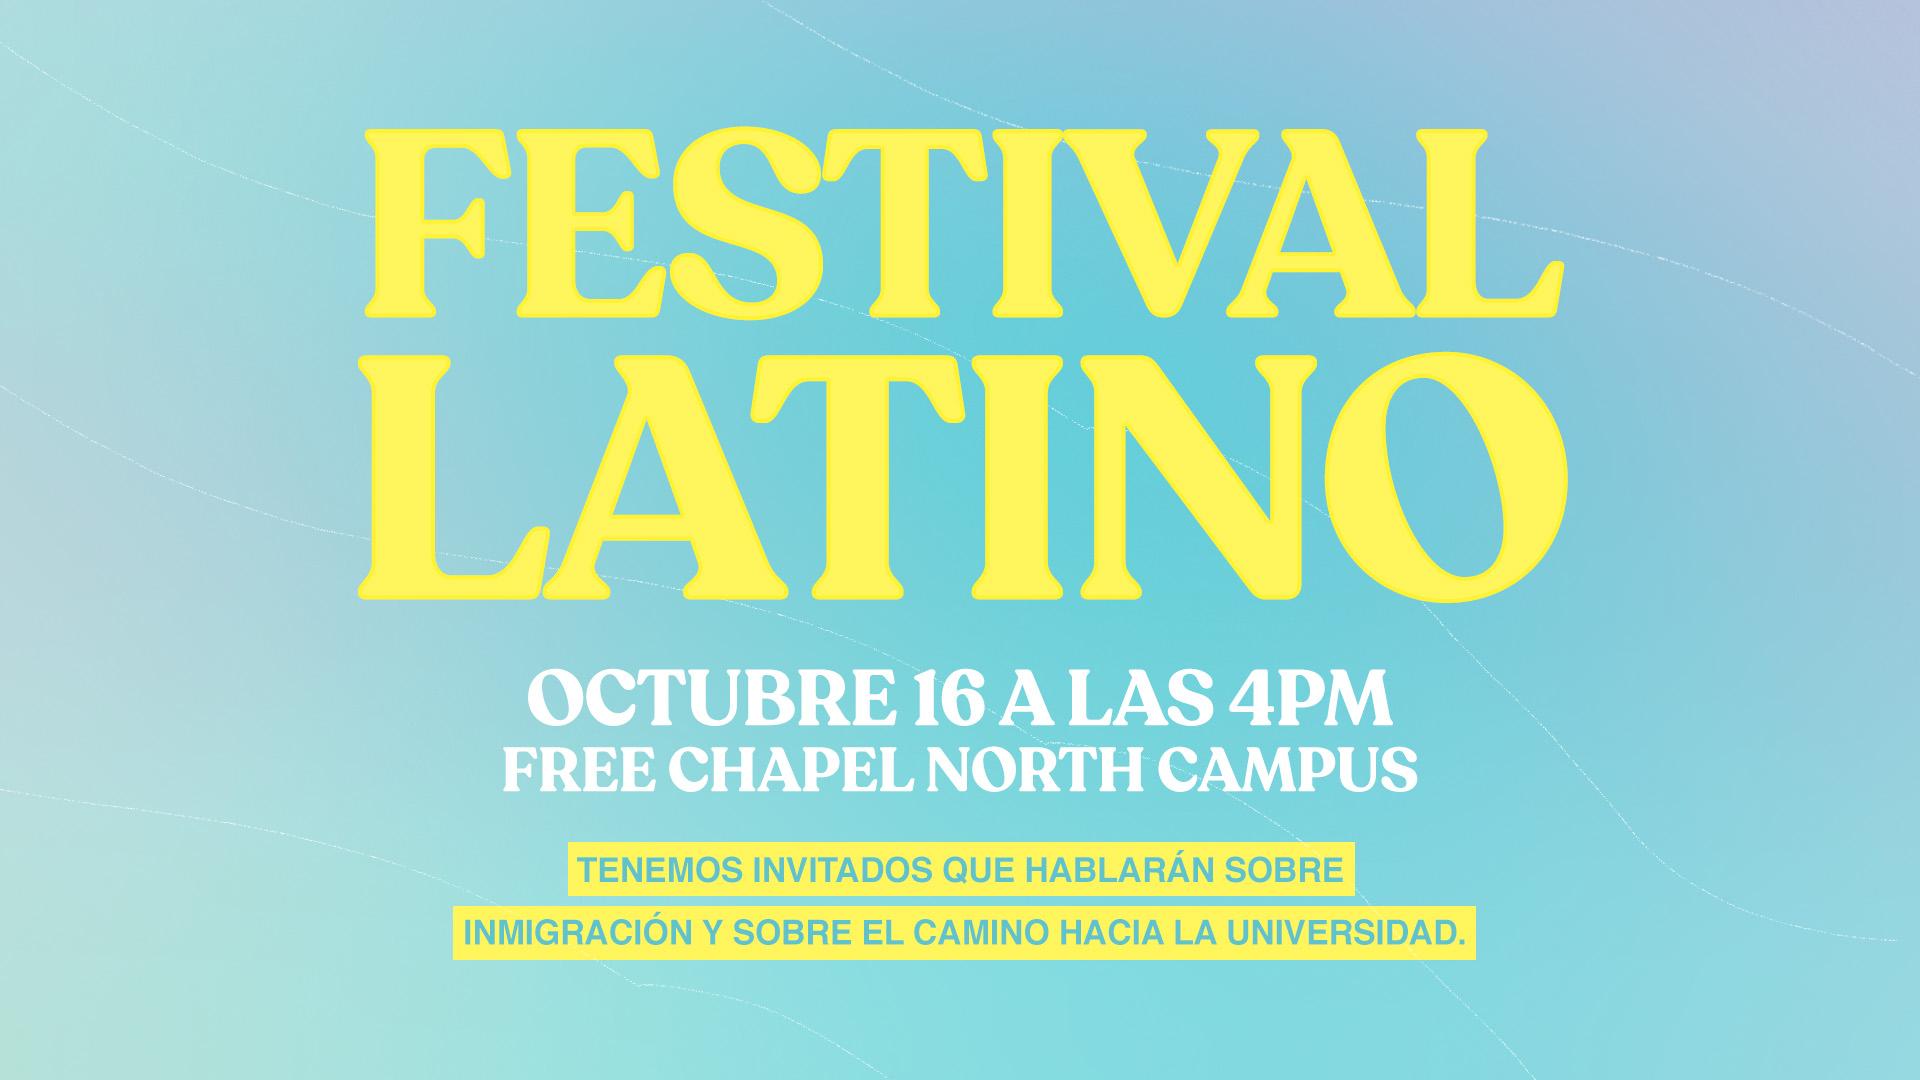 Festival Latino at the Cumming campus